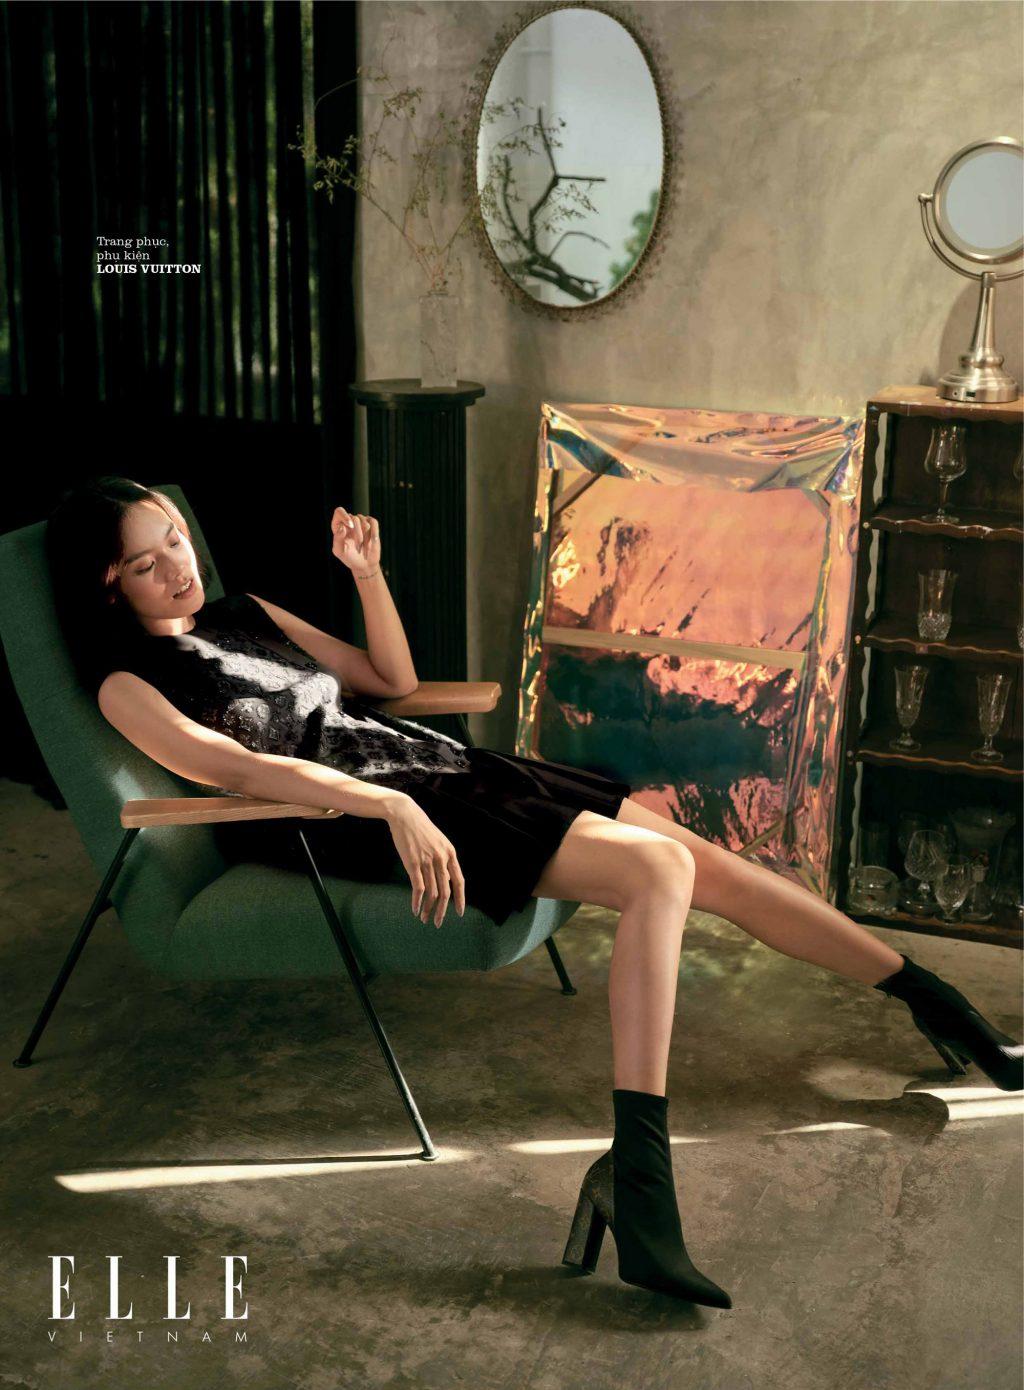 bộ ảnh thời trang người mẫu mặc đầm đen nằm trên ghế